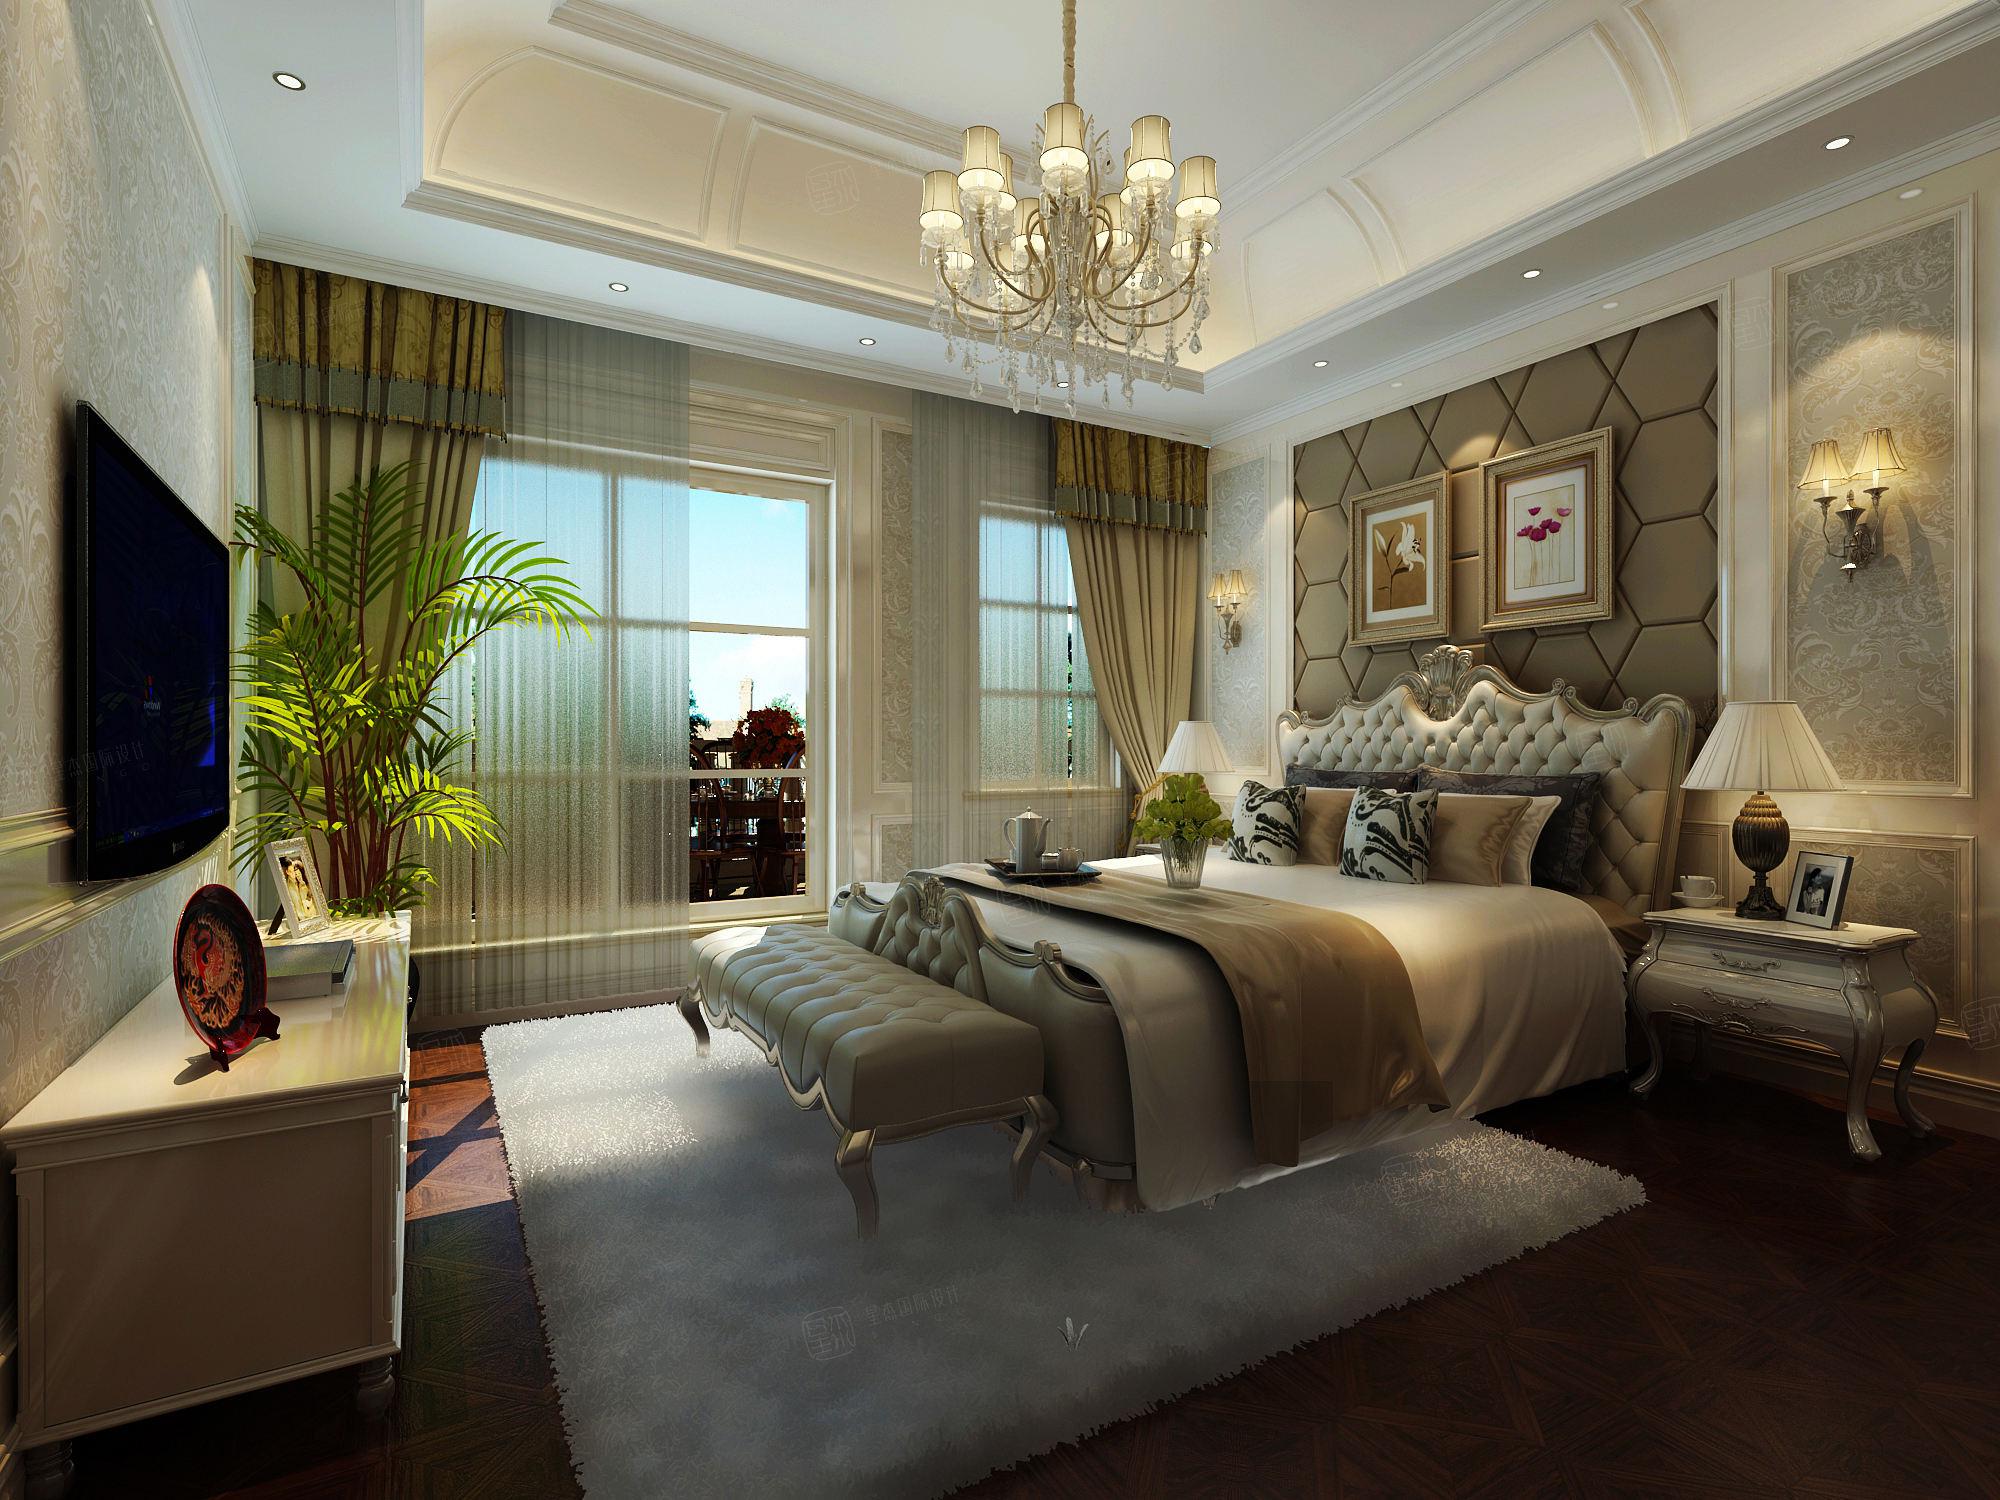 金鳌山 欧式装修卧室效果图